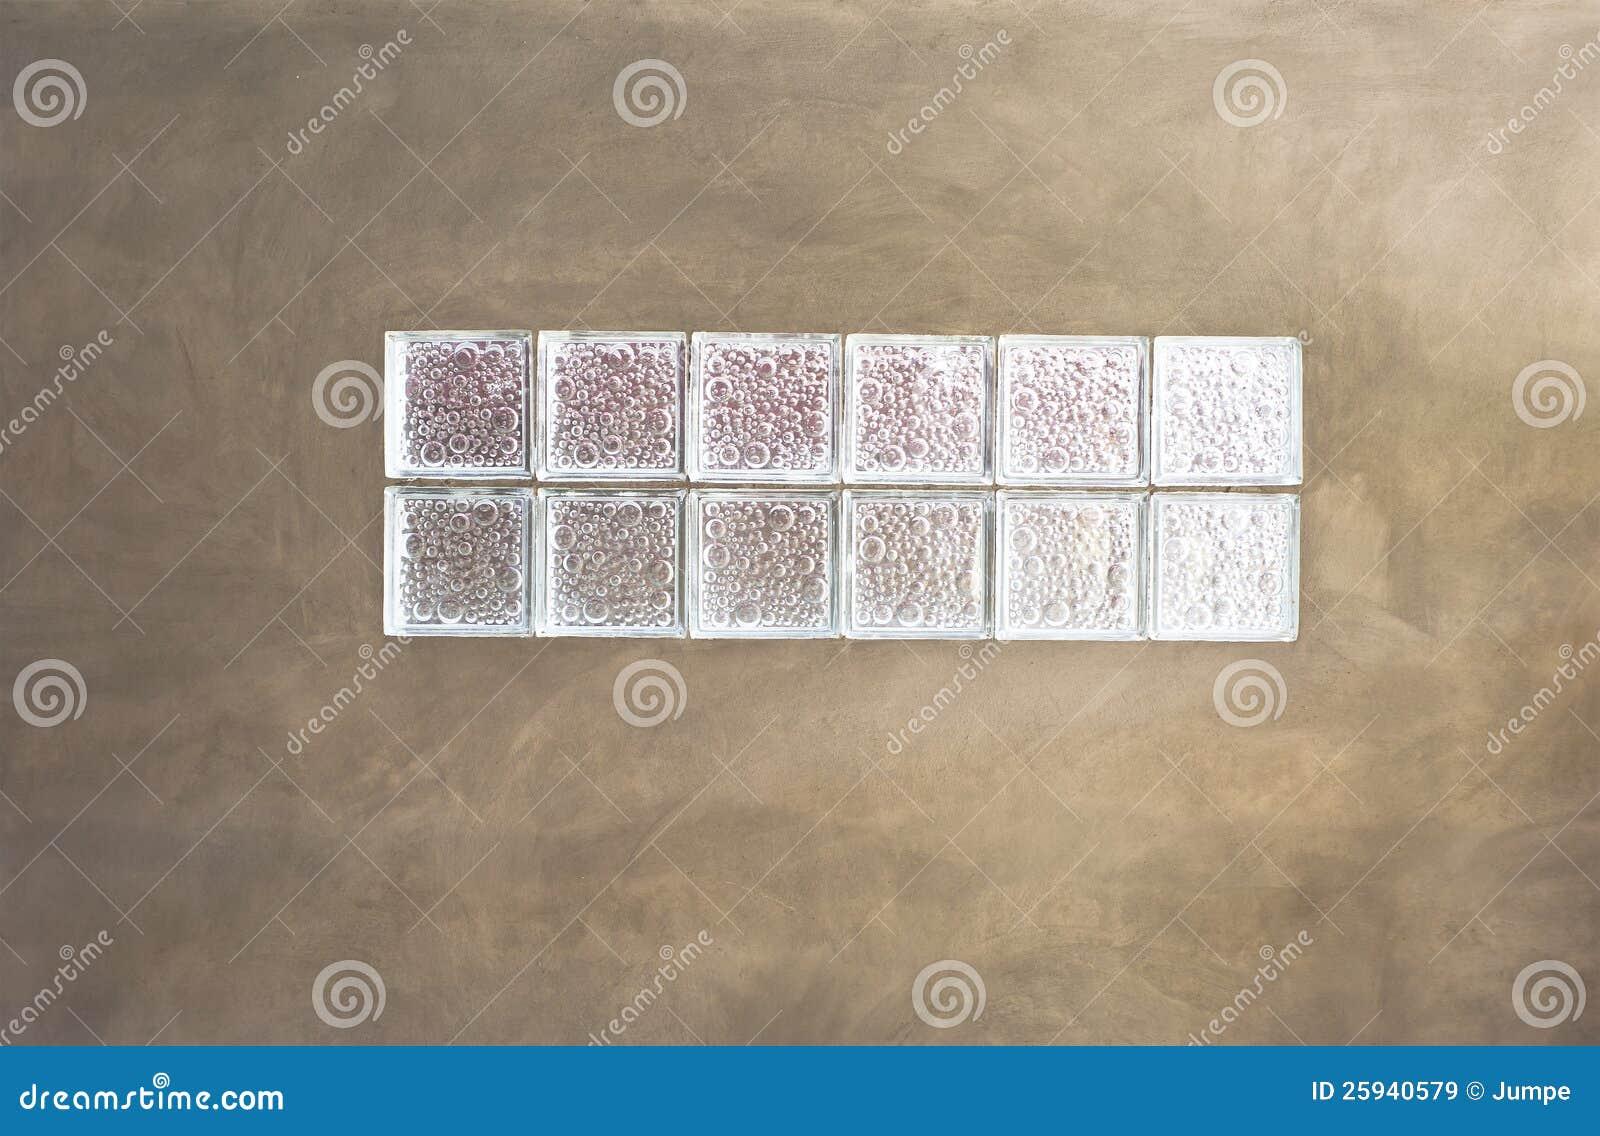 Vidro Do Bloco Imagens de Stock Royalty Free Imagem: 25940579 #85A922 1300 940